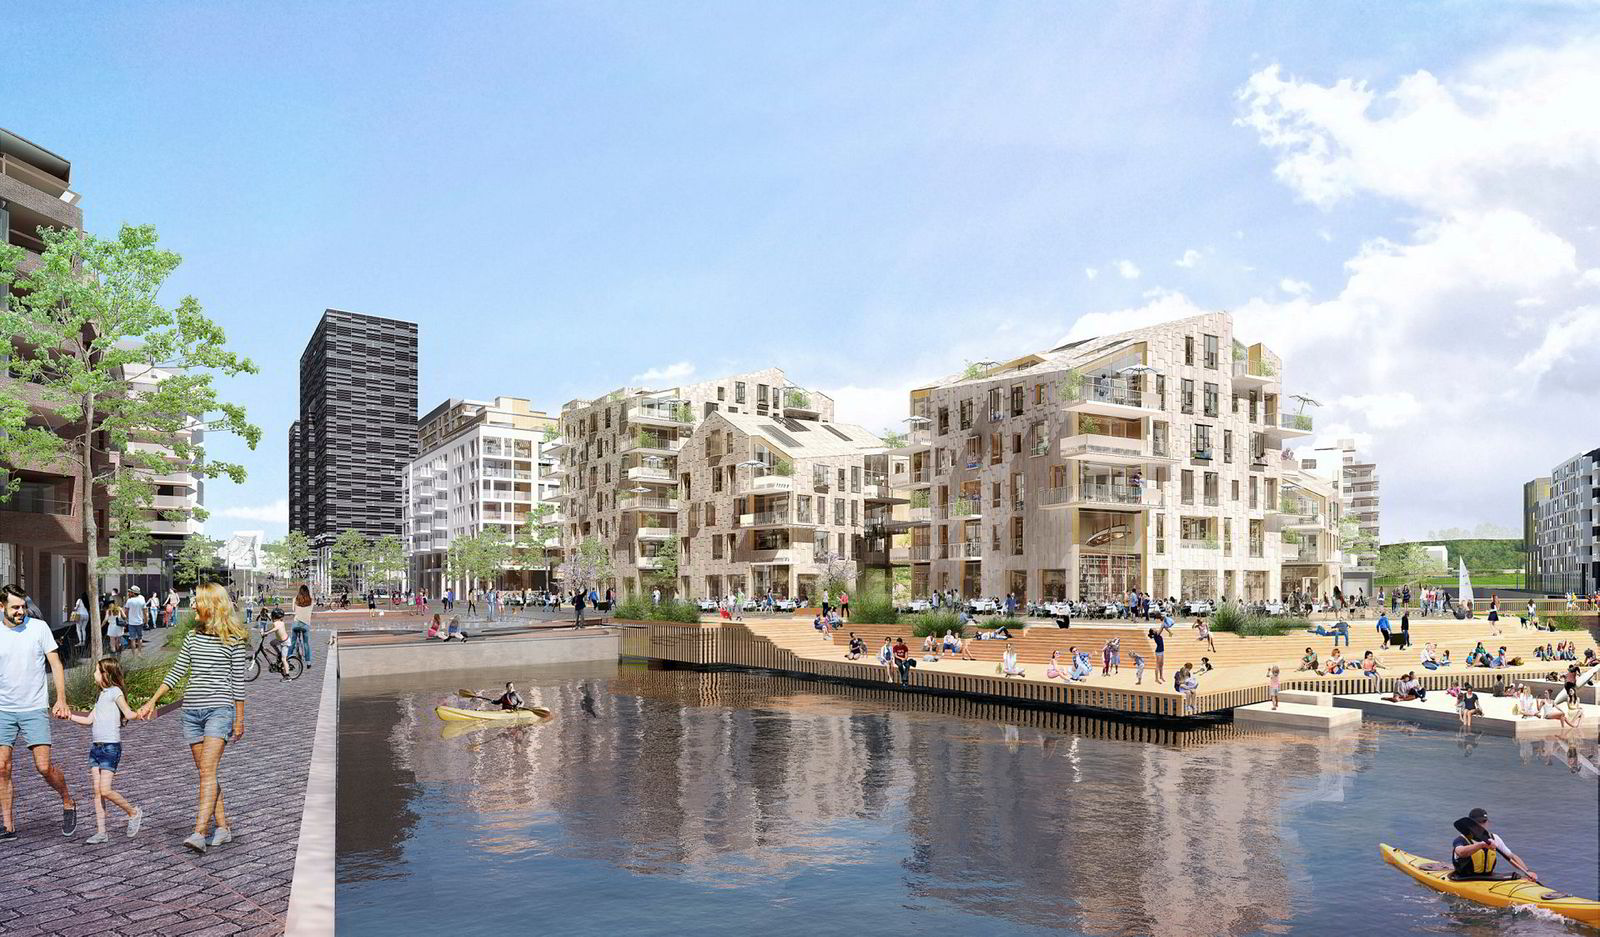 Så langt er det solgt totalt 31 leiligheter for 298,5 millioner kroner av boligprosjektet Vannkunsten.